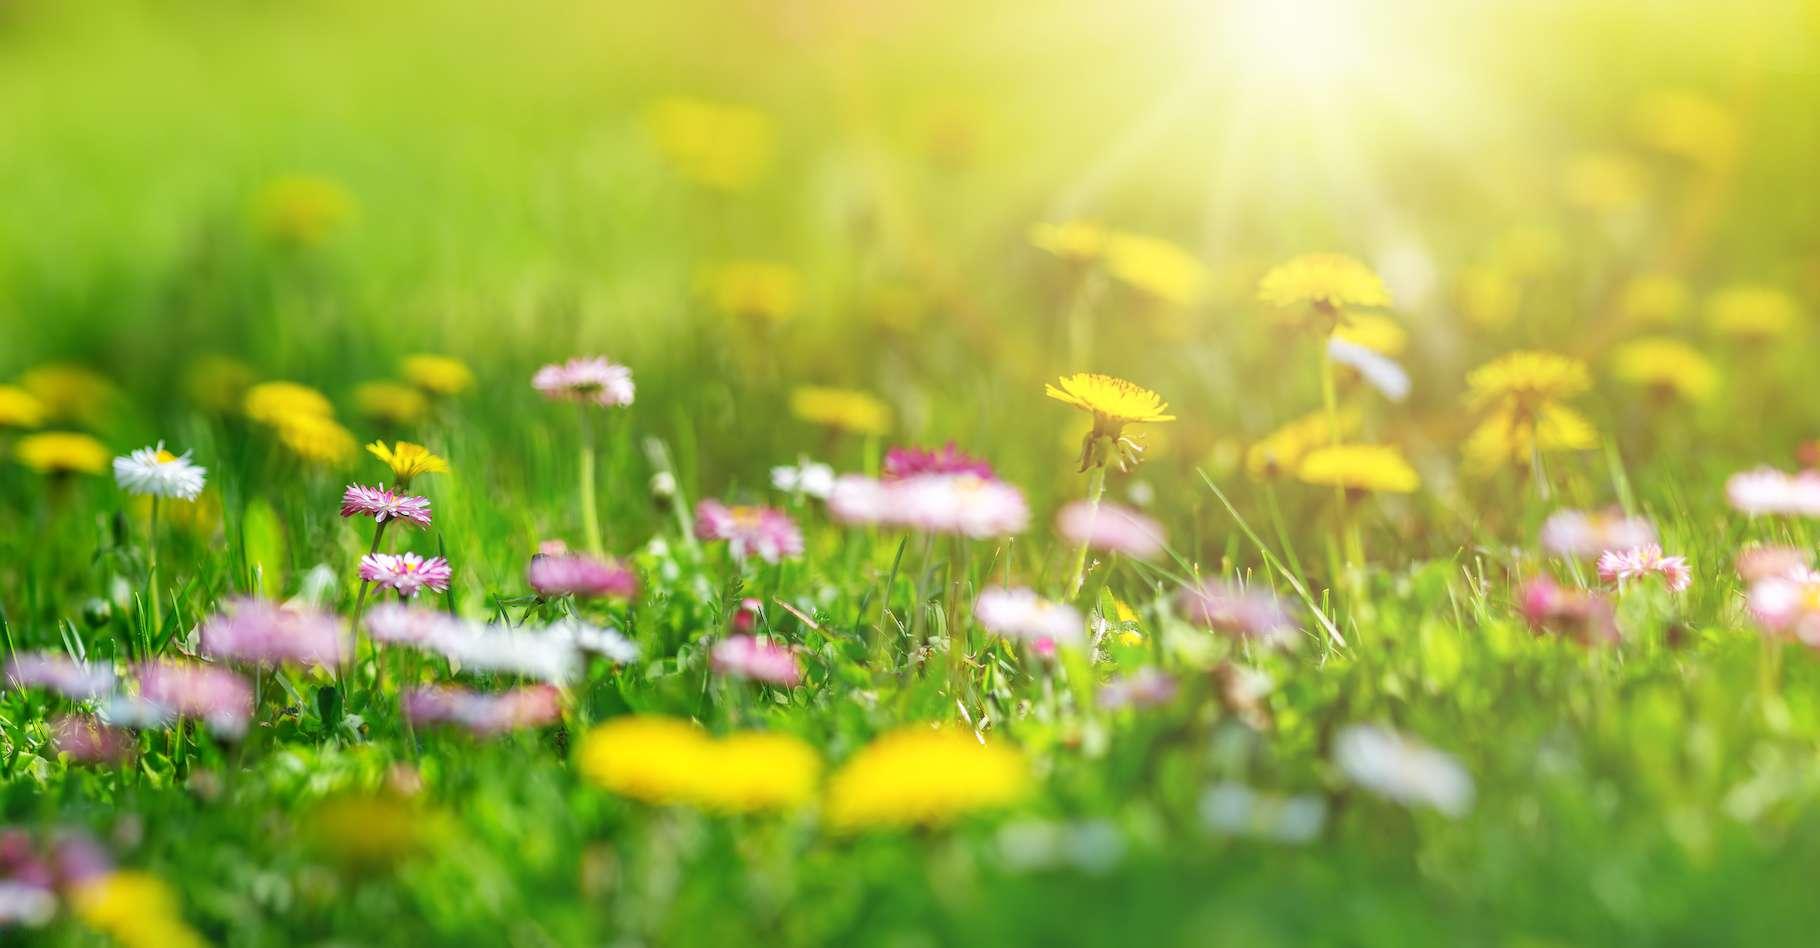 5c83afa3a4 50161489 equinoxe printemps tot